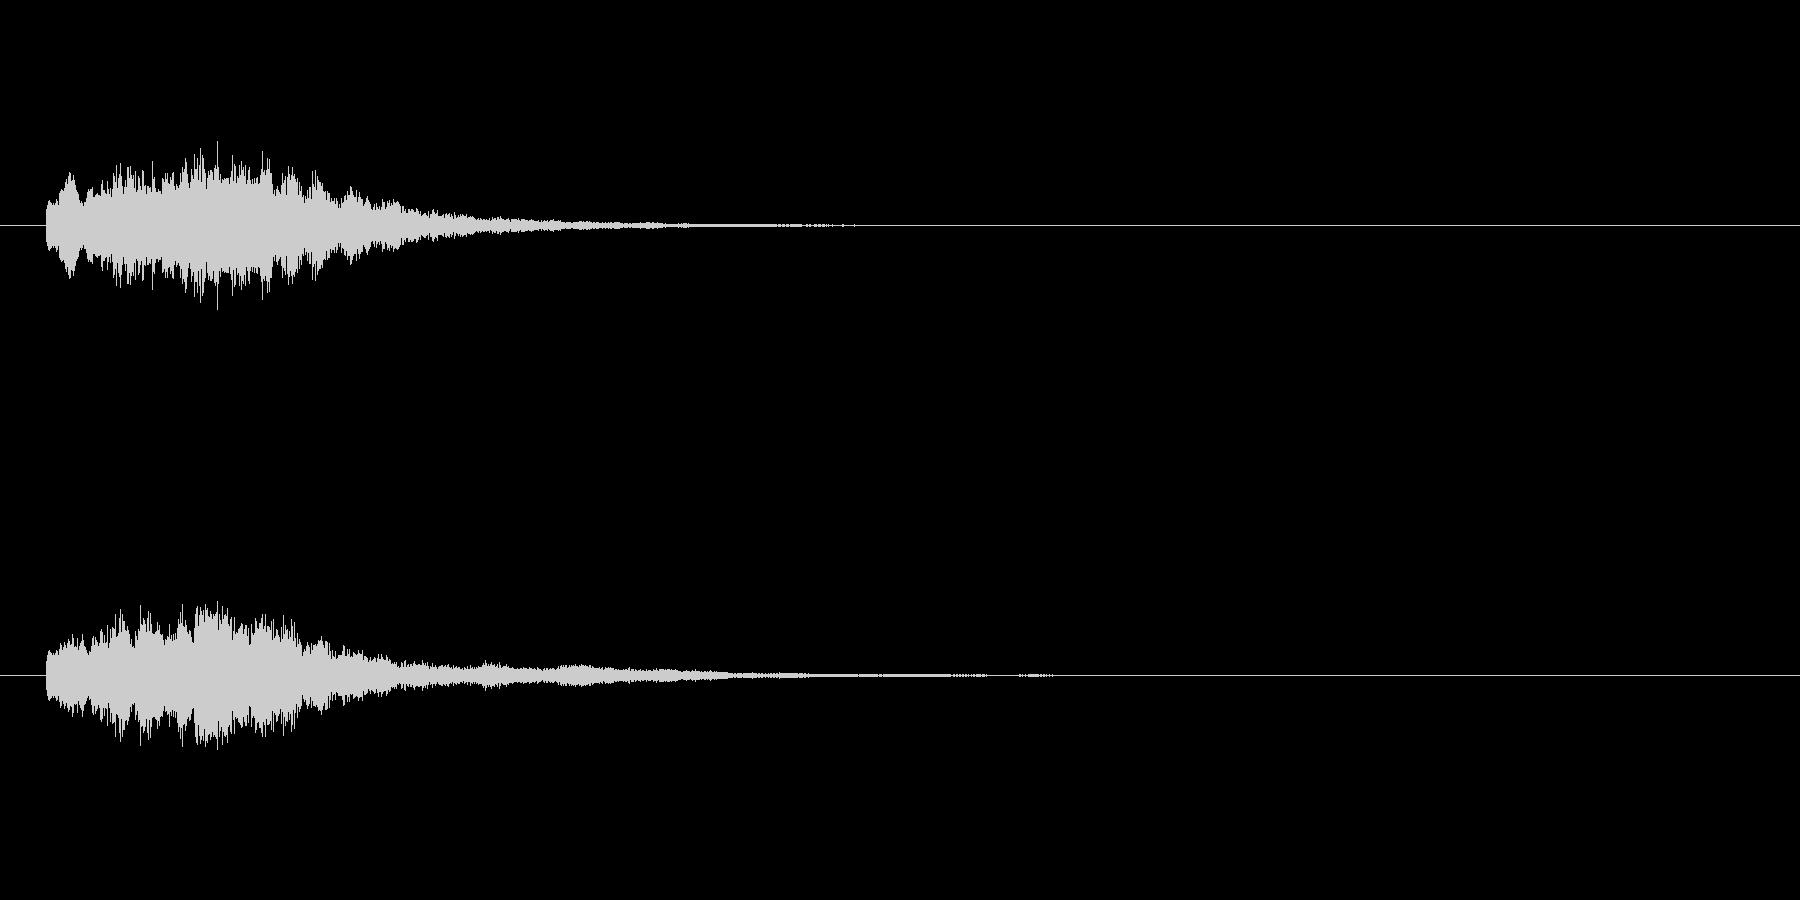 コインなどのアイテム音(キラキラ系)の未再生の波形